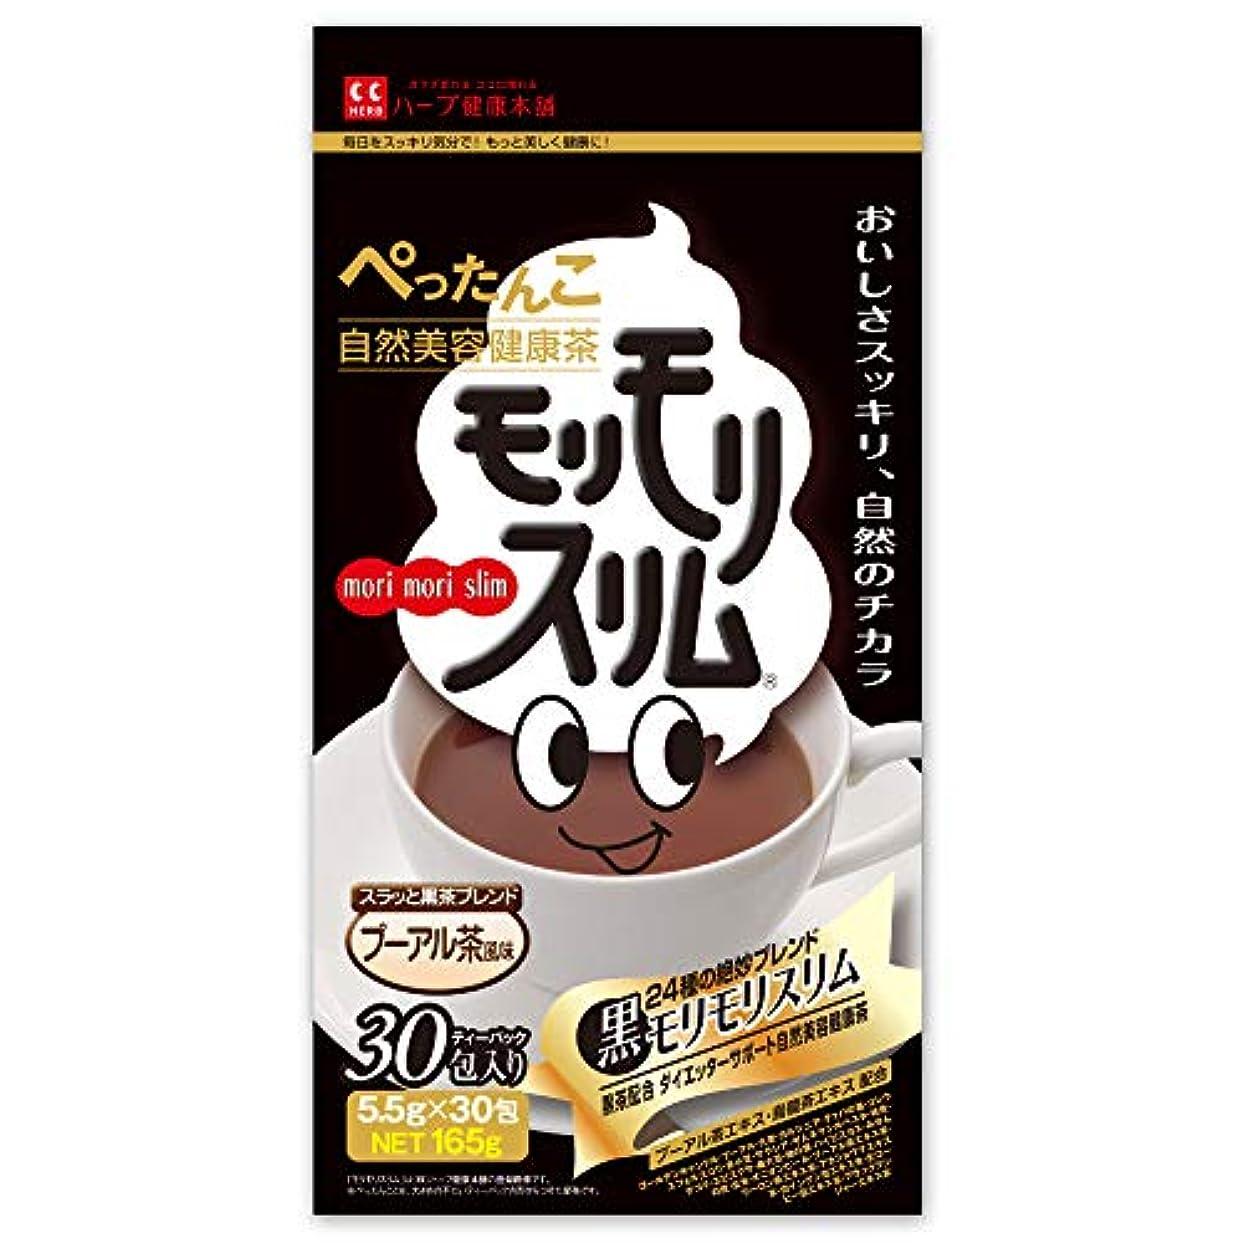 リネンまもなくコマースハーブ健康本舗 黒モリモリスリム(プーアル茶風味) (30包)